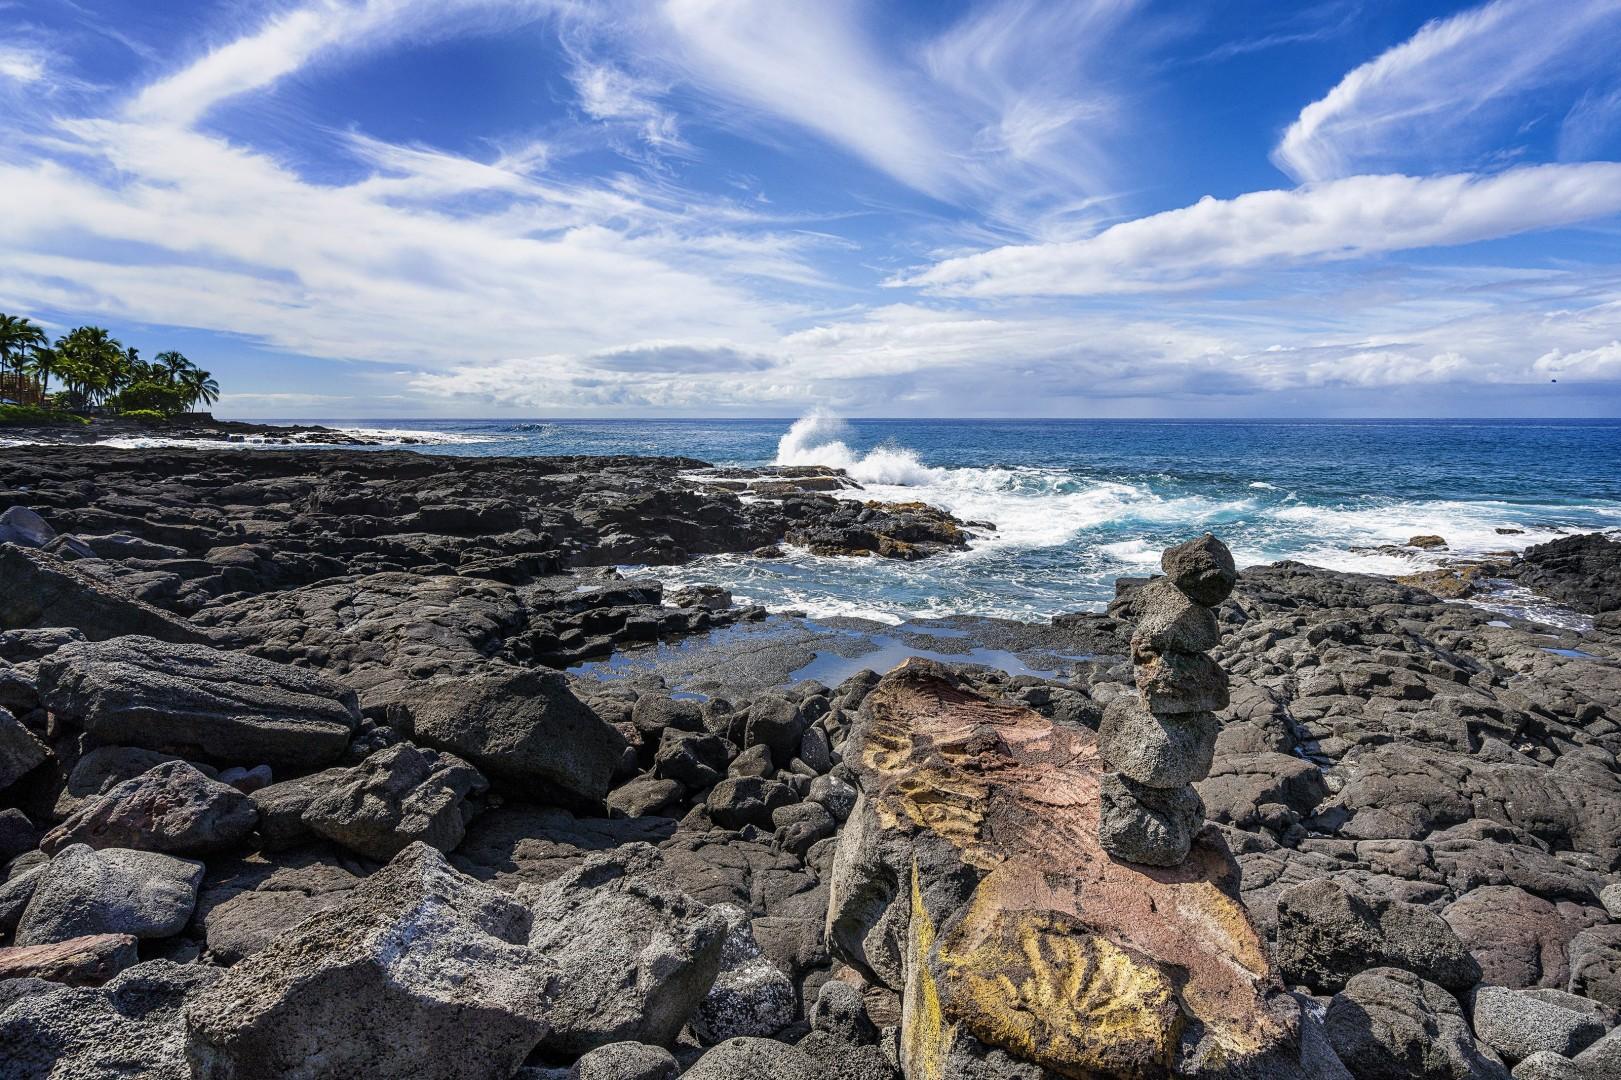 Rocky shoreline to admire the ocean activity